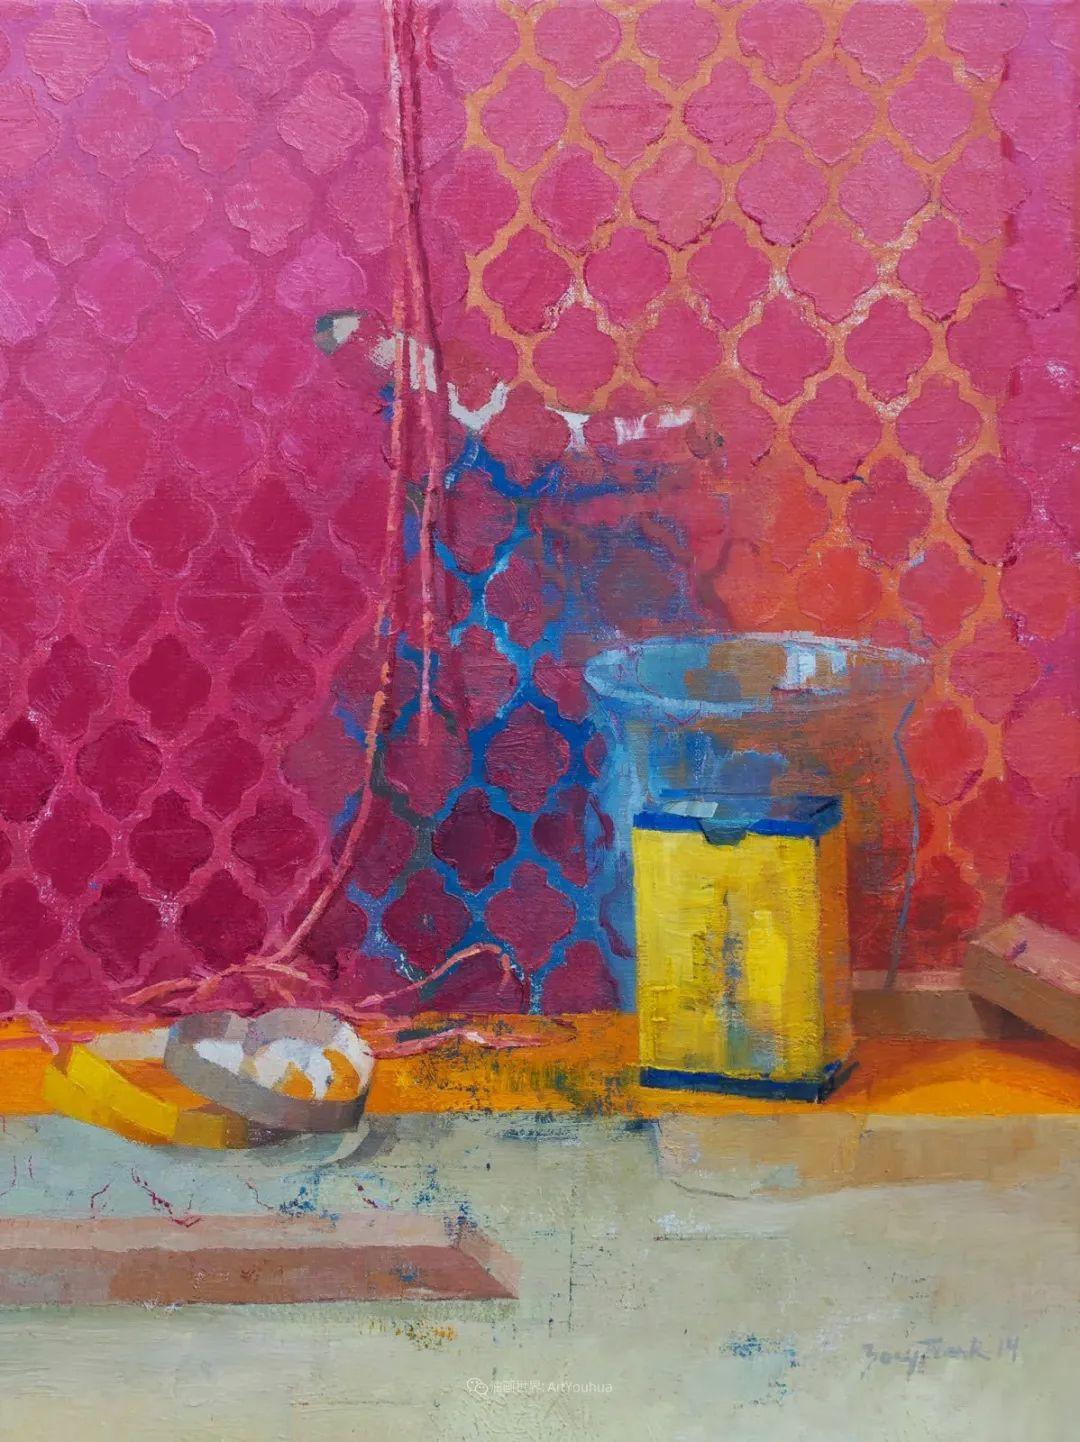 具象绘画,美国女画家佐伊·弗兰克插图65